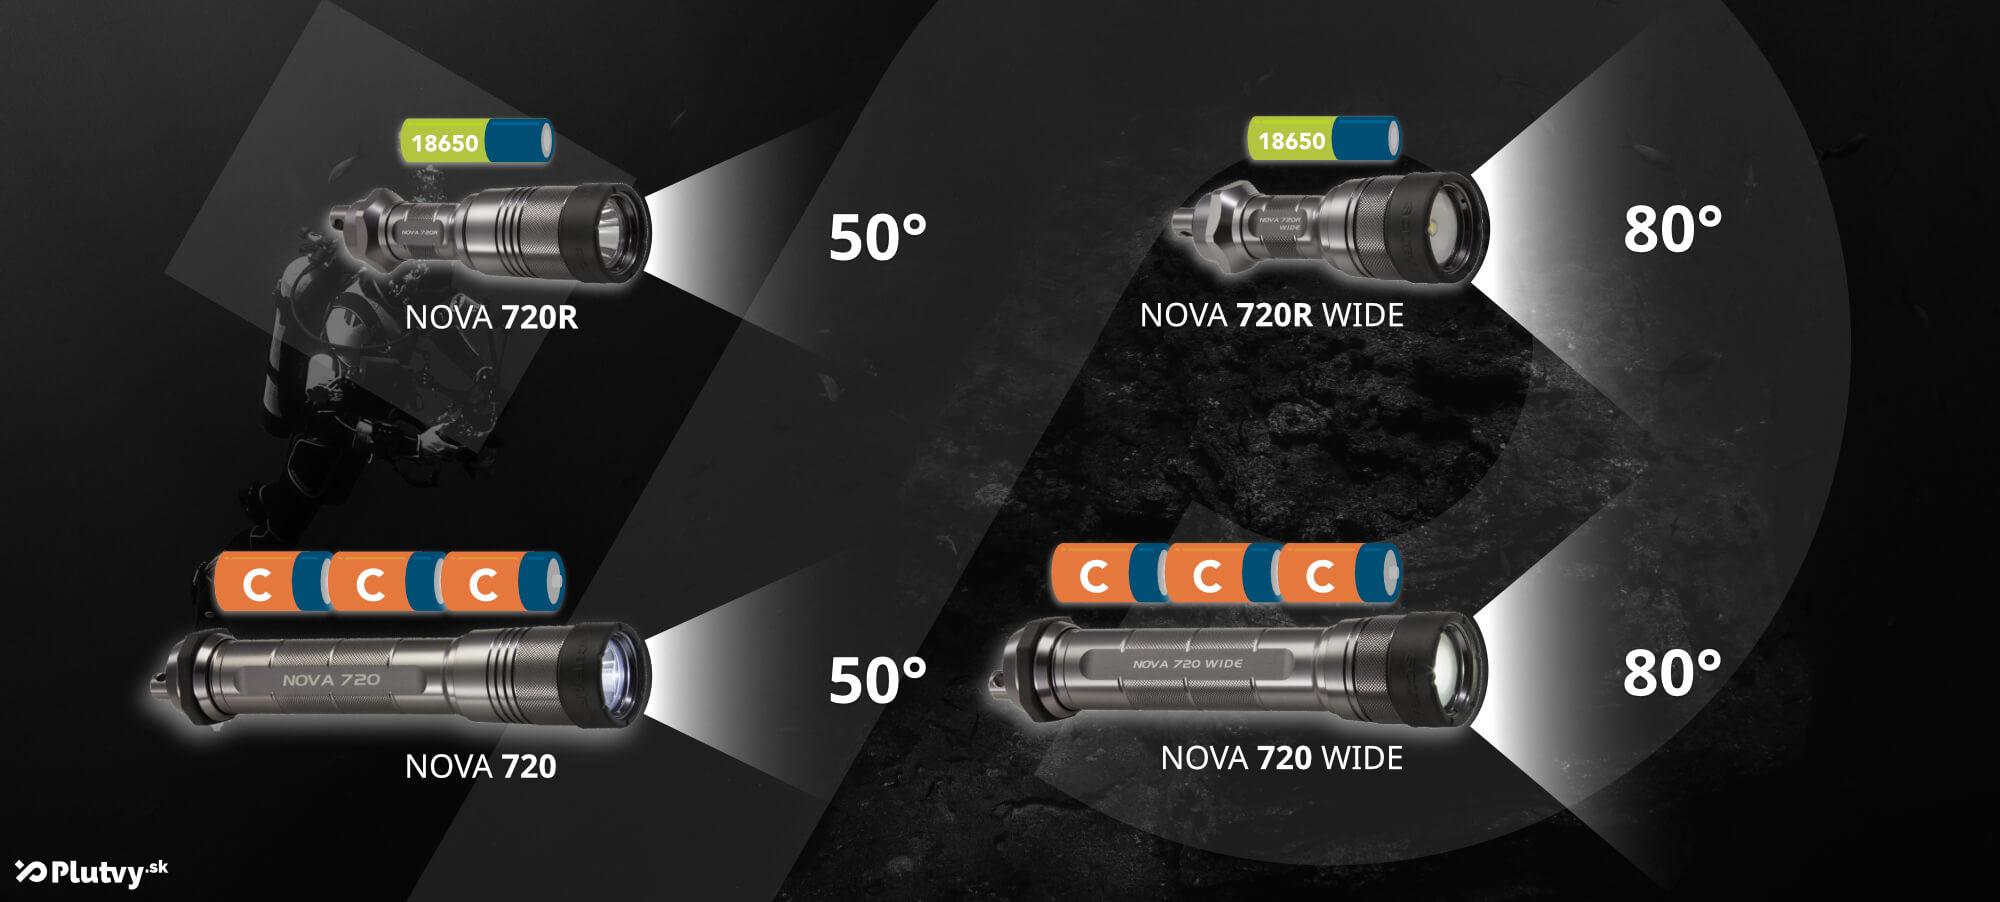 porovnanie potápačských bateriek Scubapro Novalight v Plutvy.sk